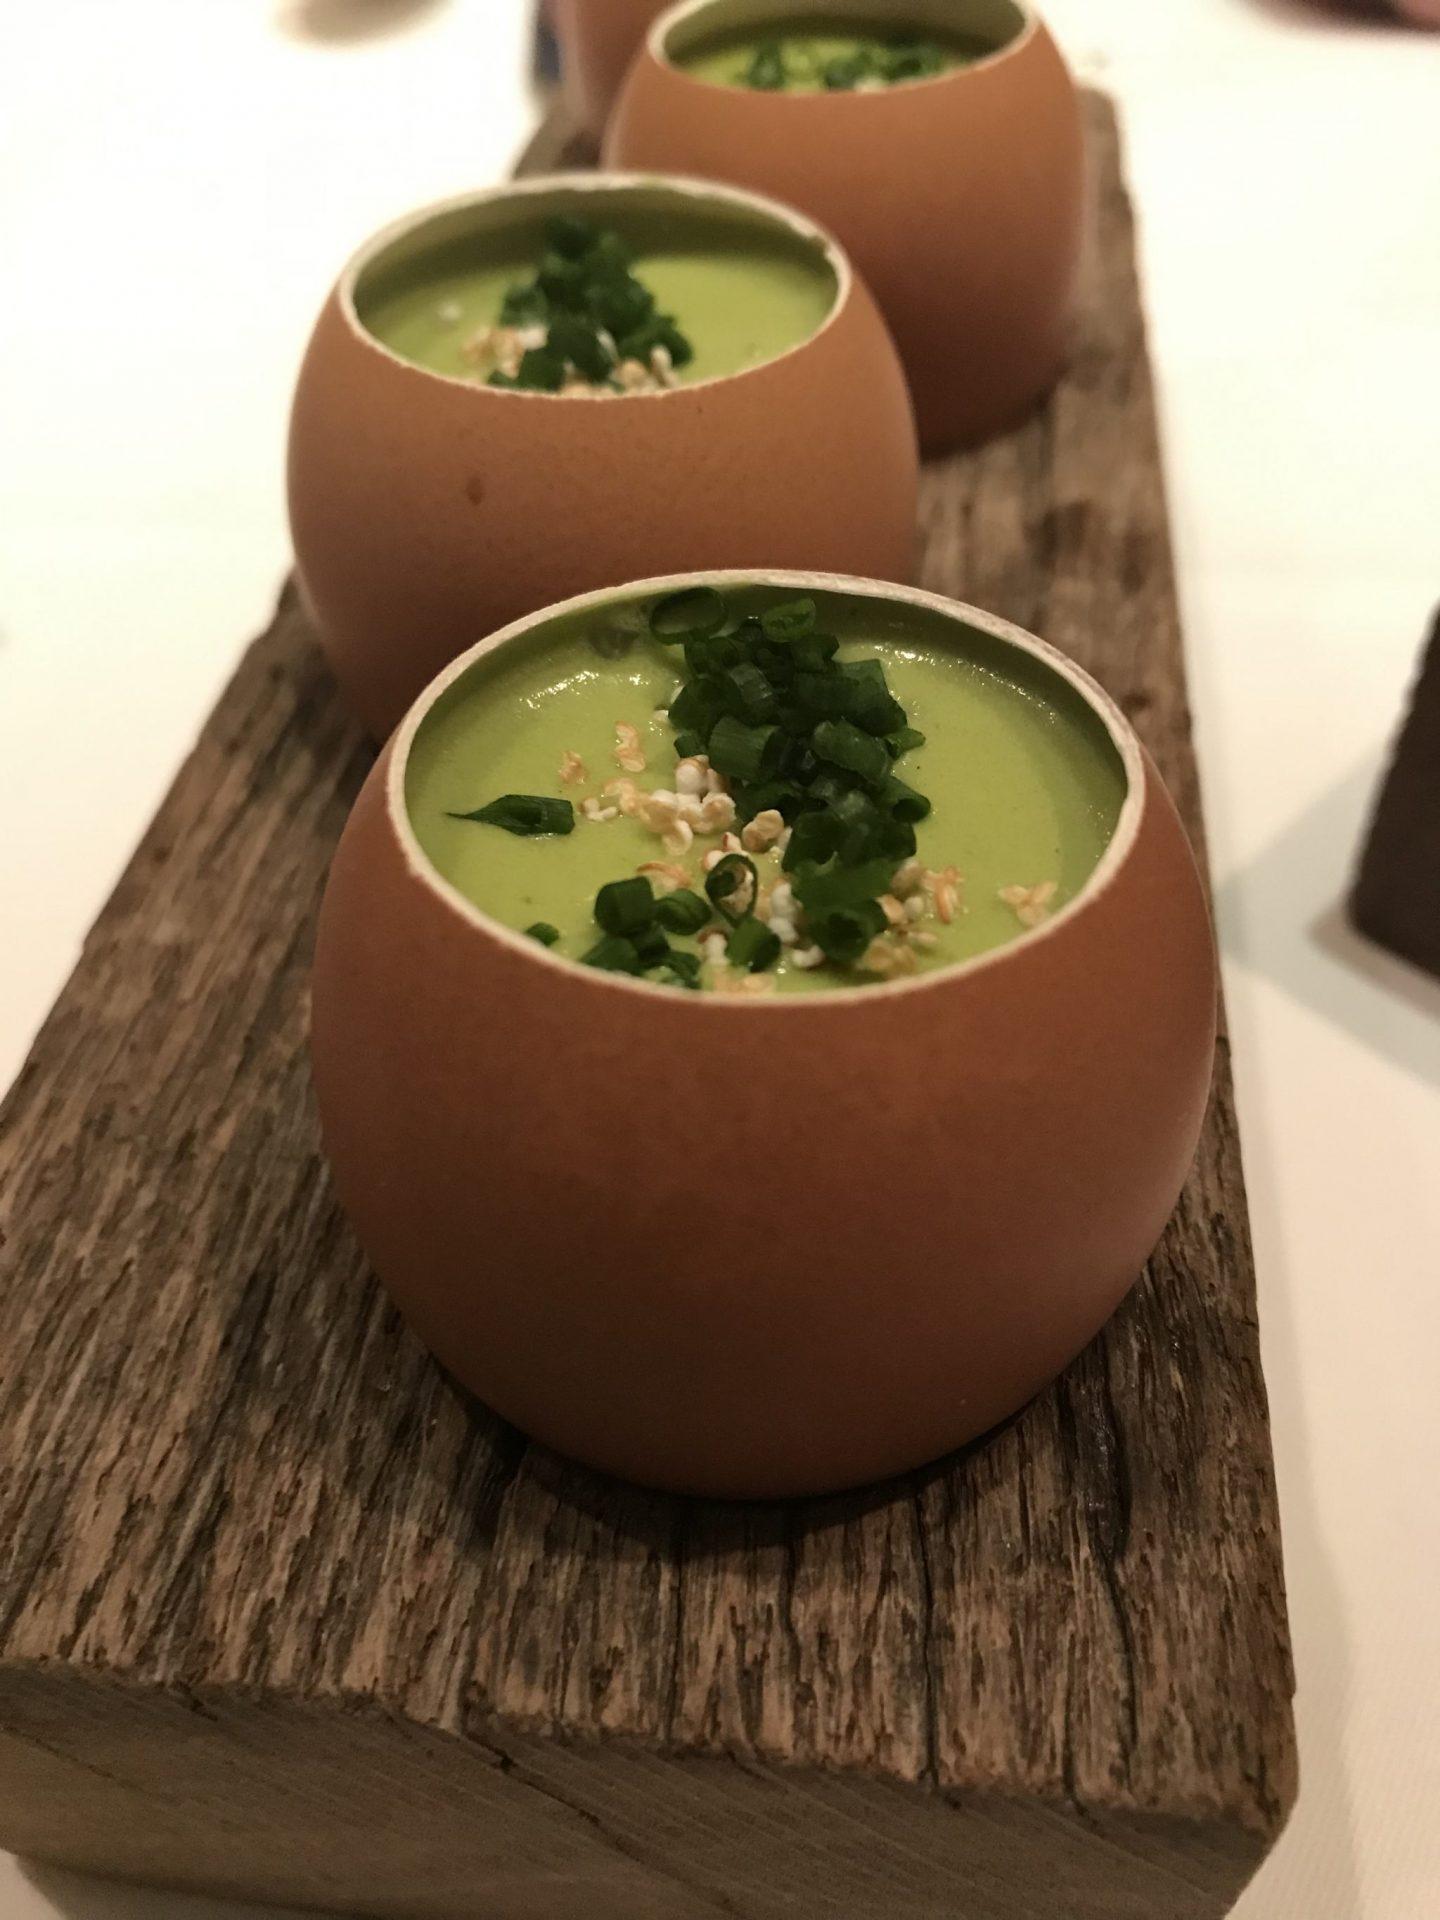 Gruß der Küche Gefülltes Ei Tapioka Erfahrung Wilbrand Post Odenthal Foodblog Sternestulle